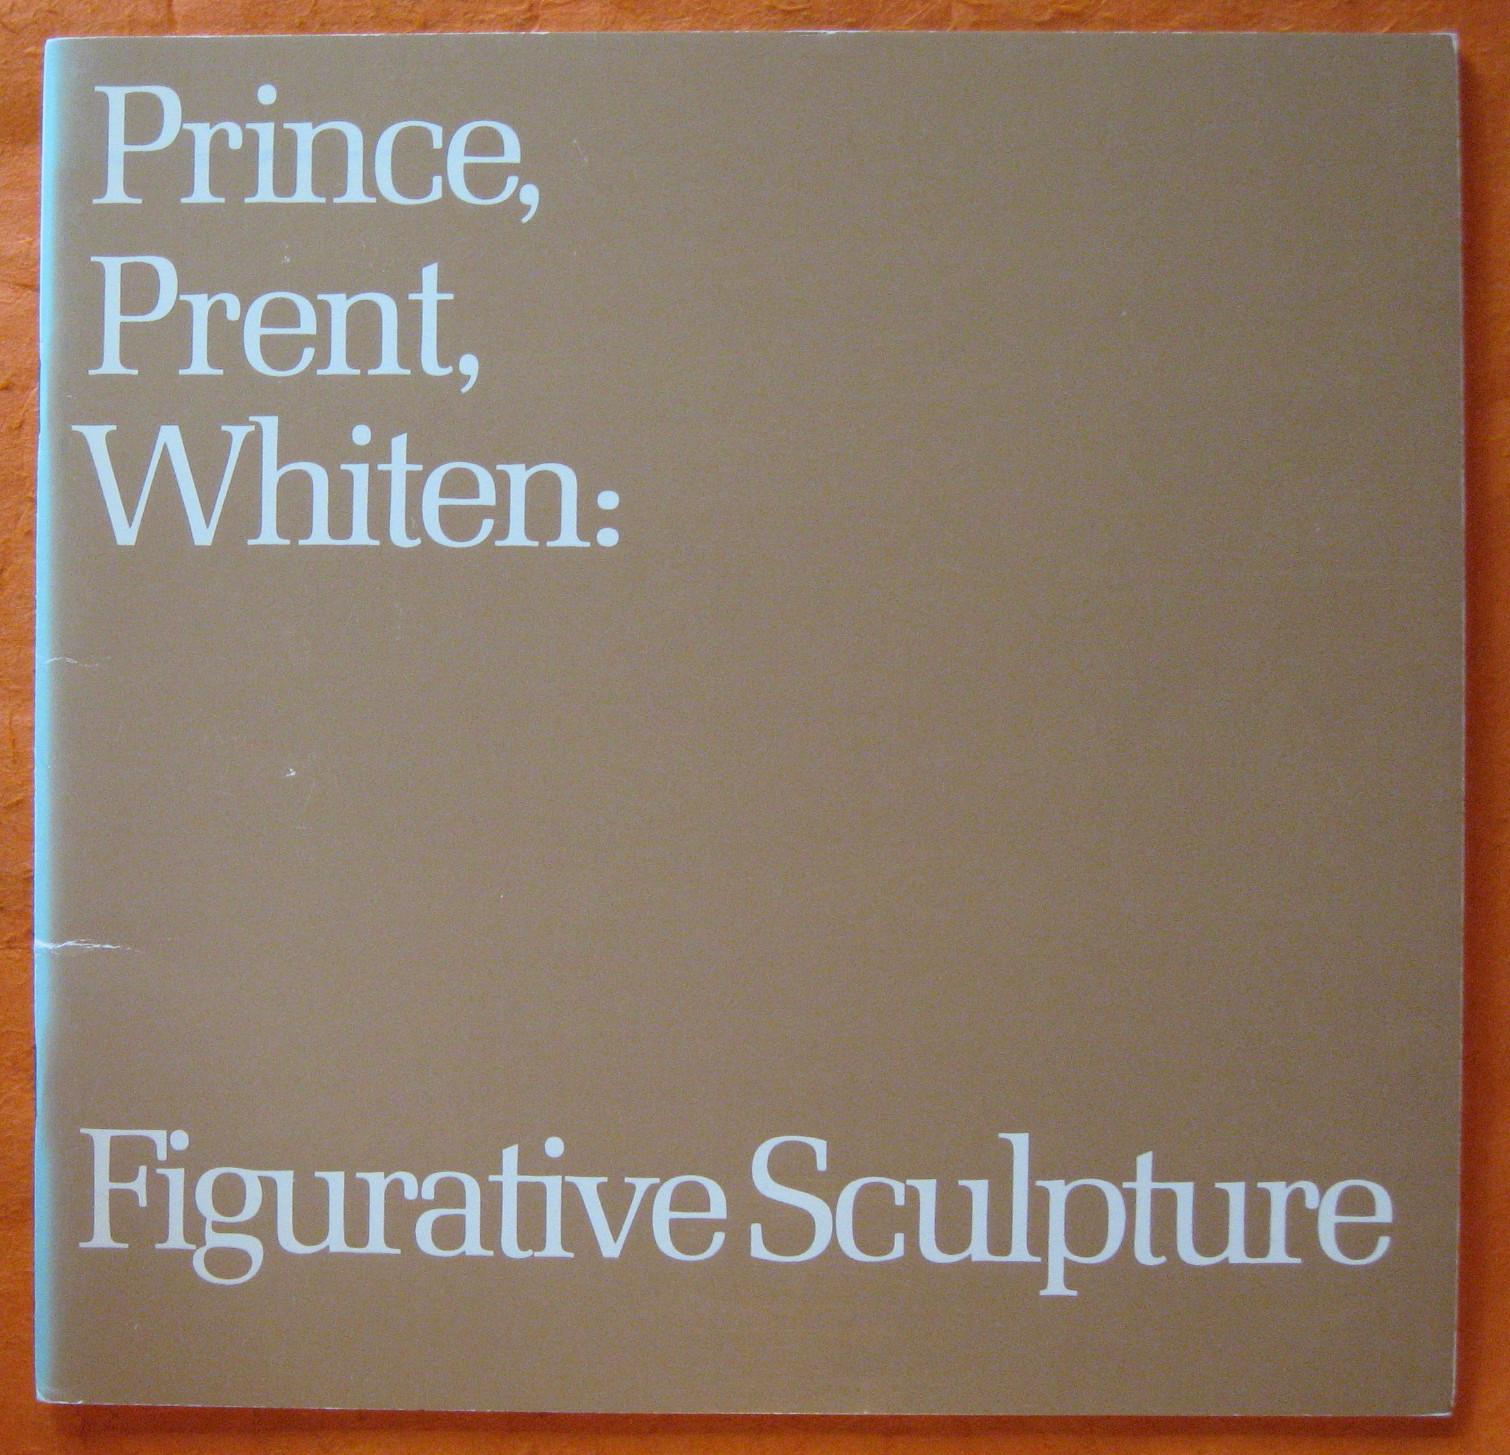 Prince, Prent, Whiten:  Figurative Sculpture, Prince, Prent, Whiten